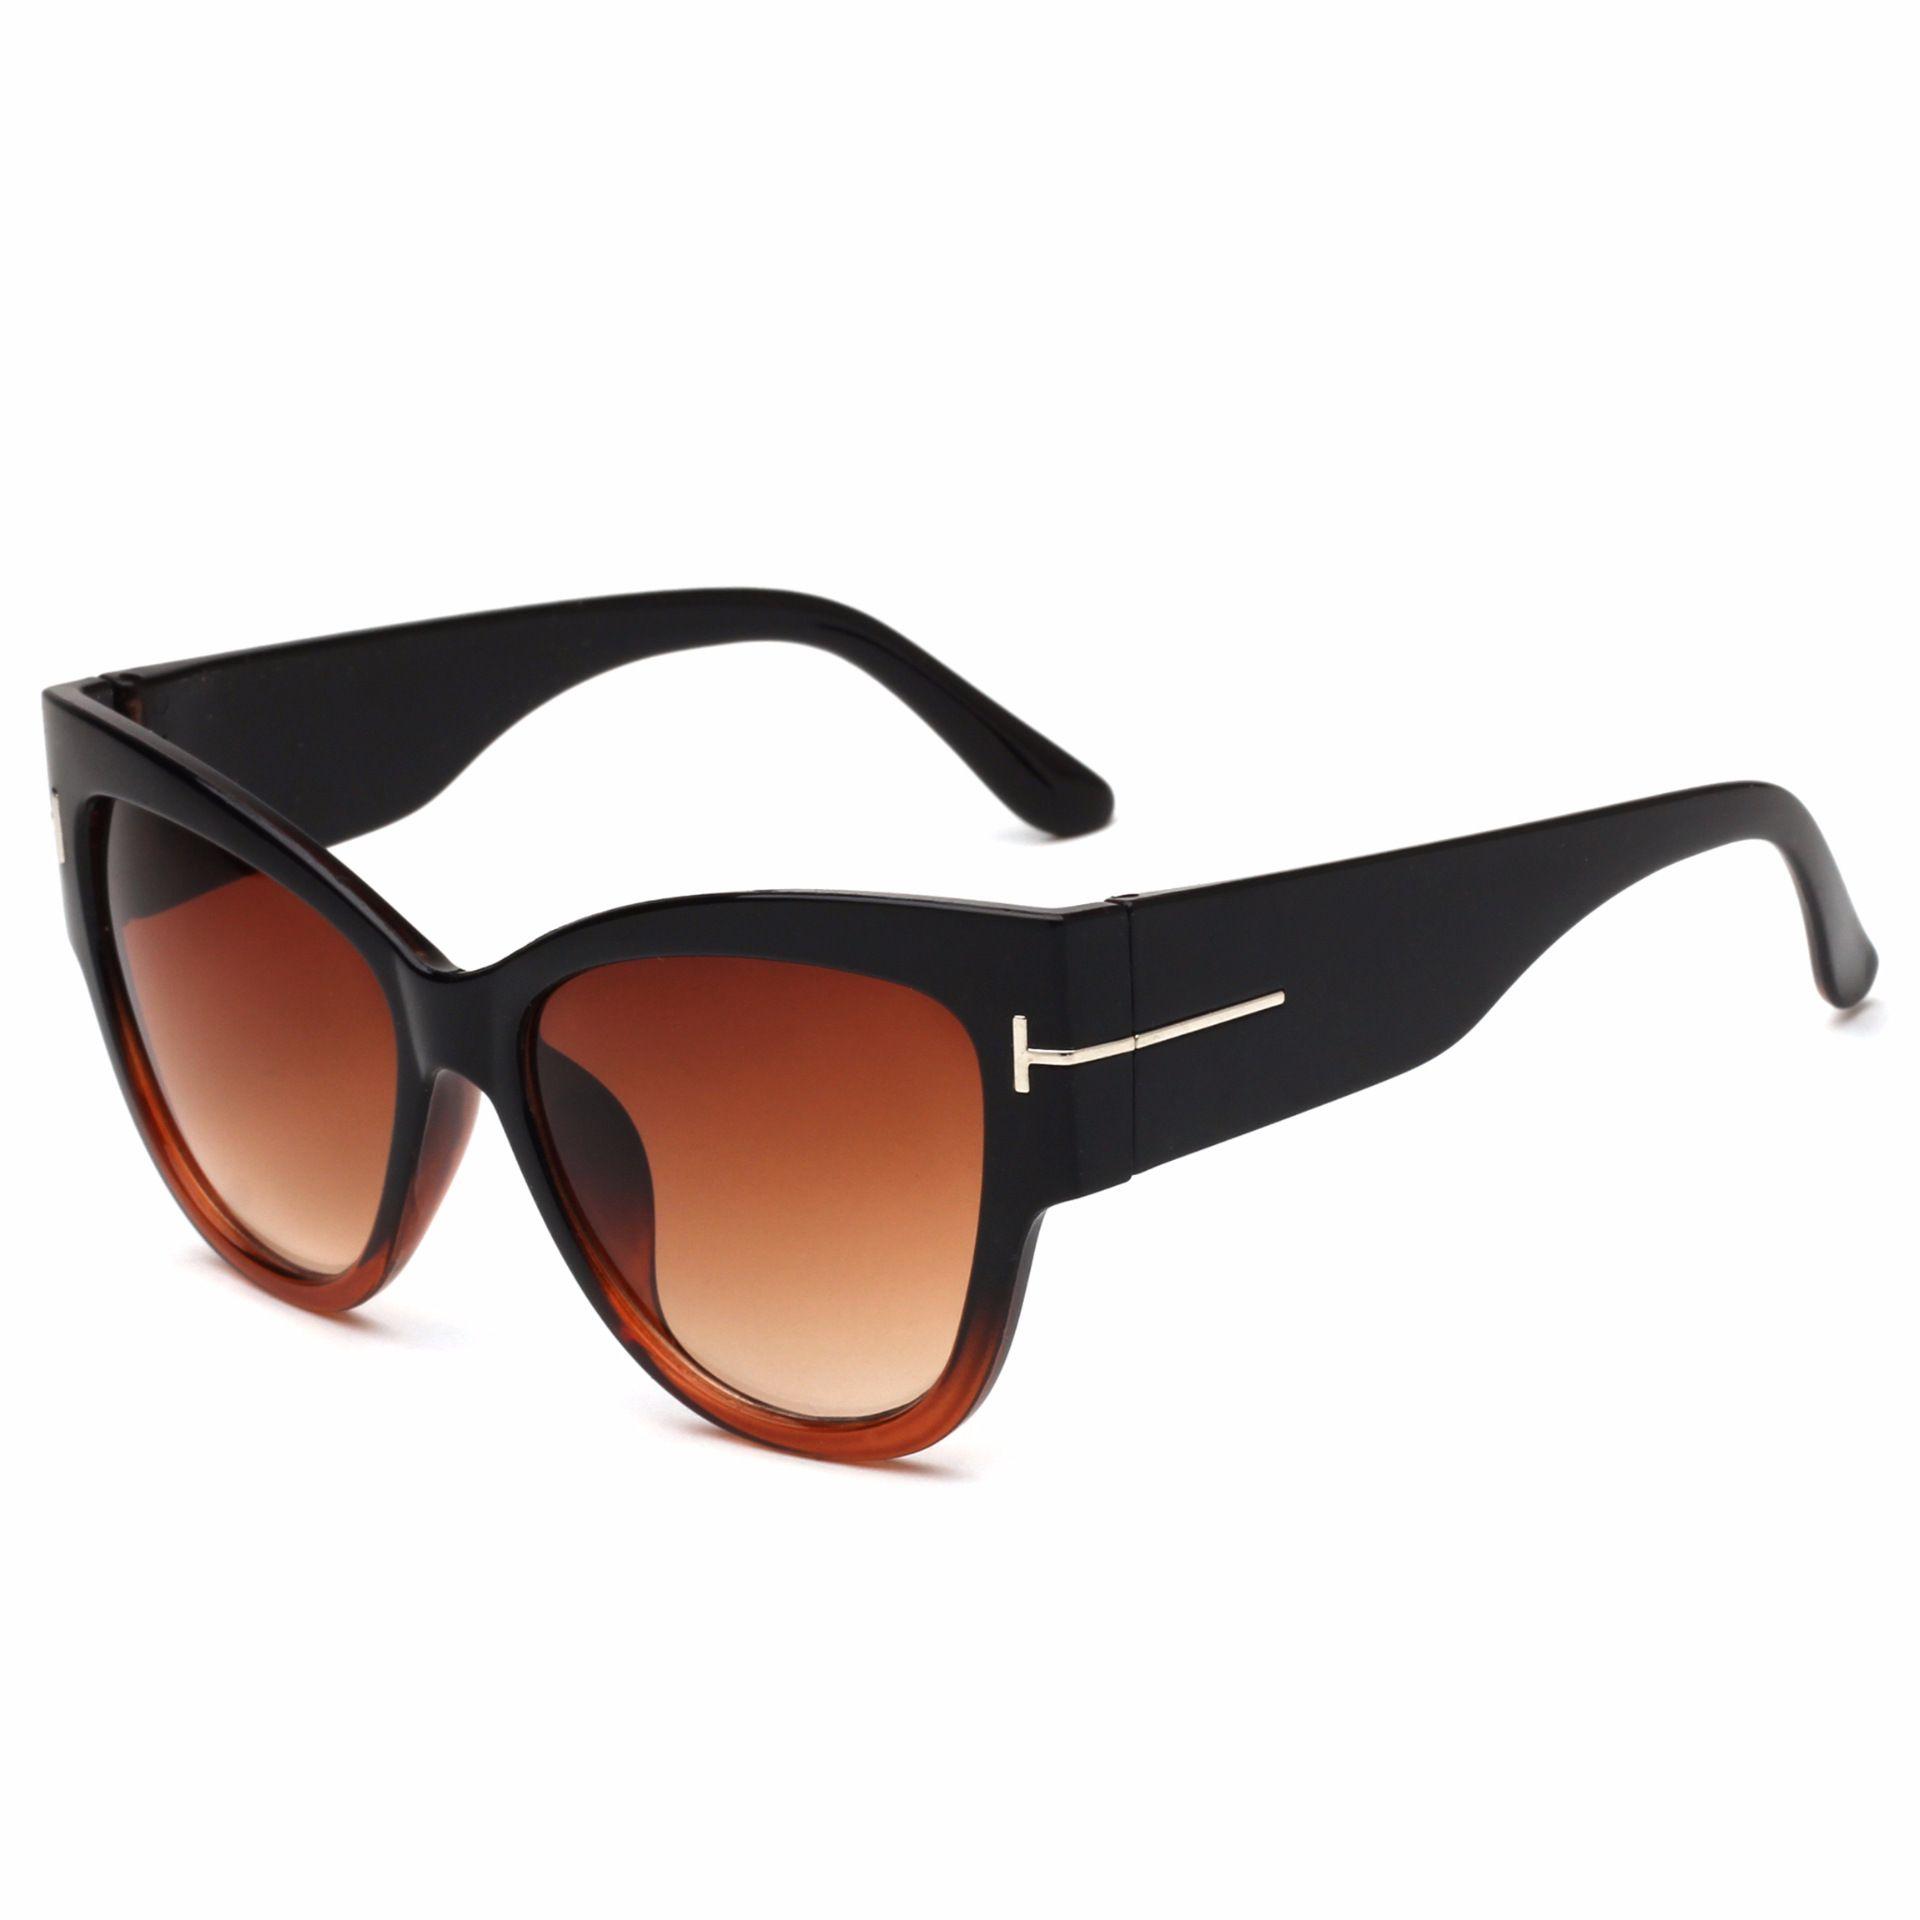 أزياء العلامة التجارية مصمم القط العين النساء نظارات الإناث التدرج النقاط نظارات الشمس كبير oculos feminino دي سول